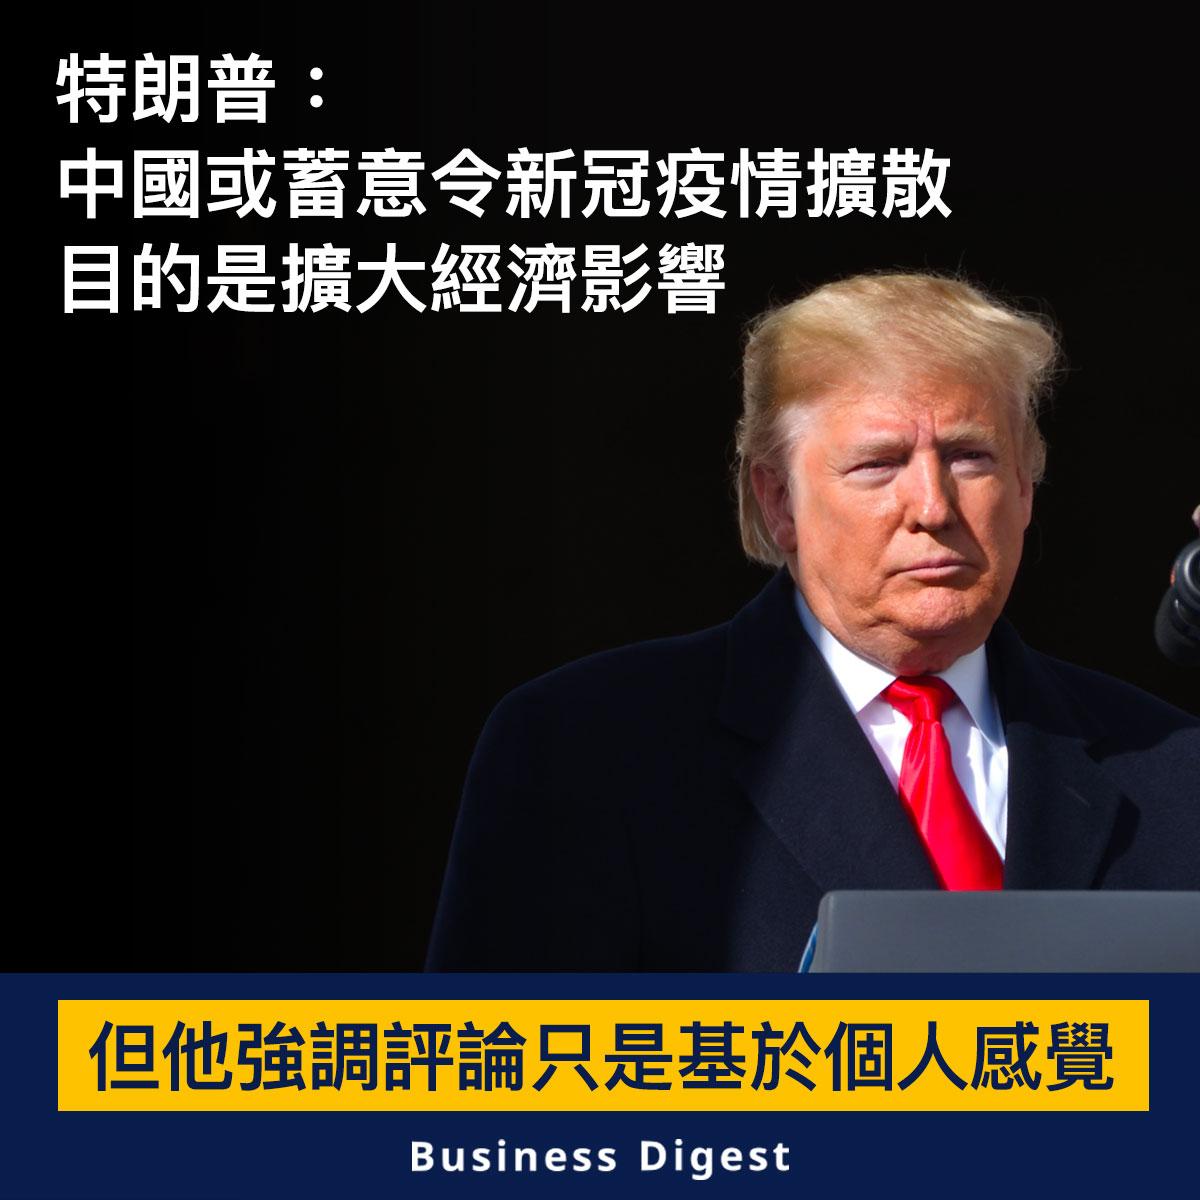 【商業熱話】特朗普:「中國或蓄意令新冠疫情擴散,目的是擴大經濟影響」